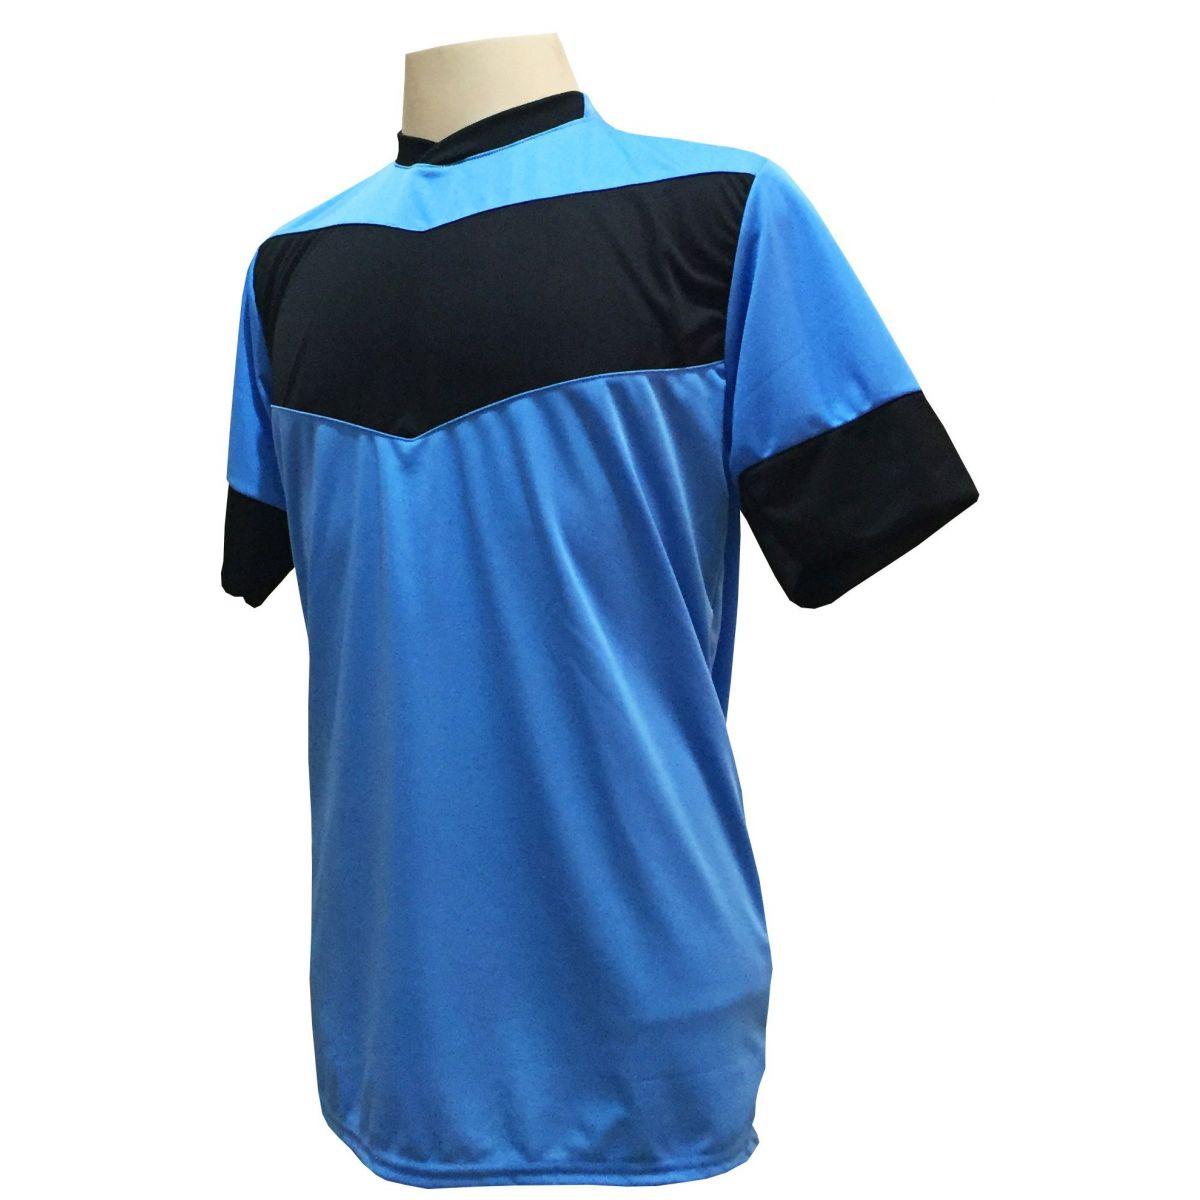 Uniforme Esportivo com 18 camisas modelo Columbus Celeste/Preto + 18 calções modelo Madrid Preto + Brindes